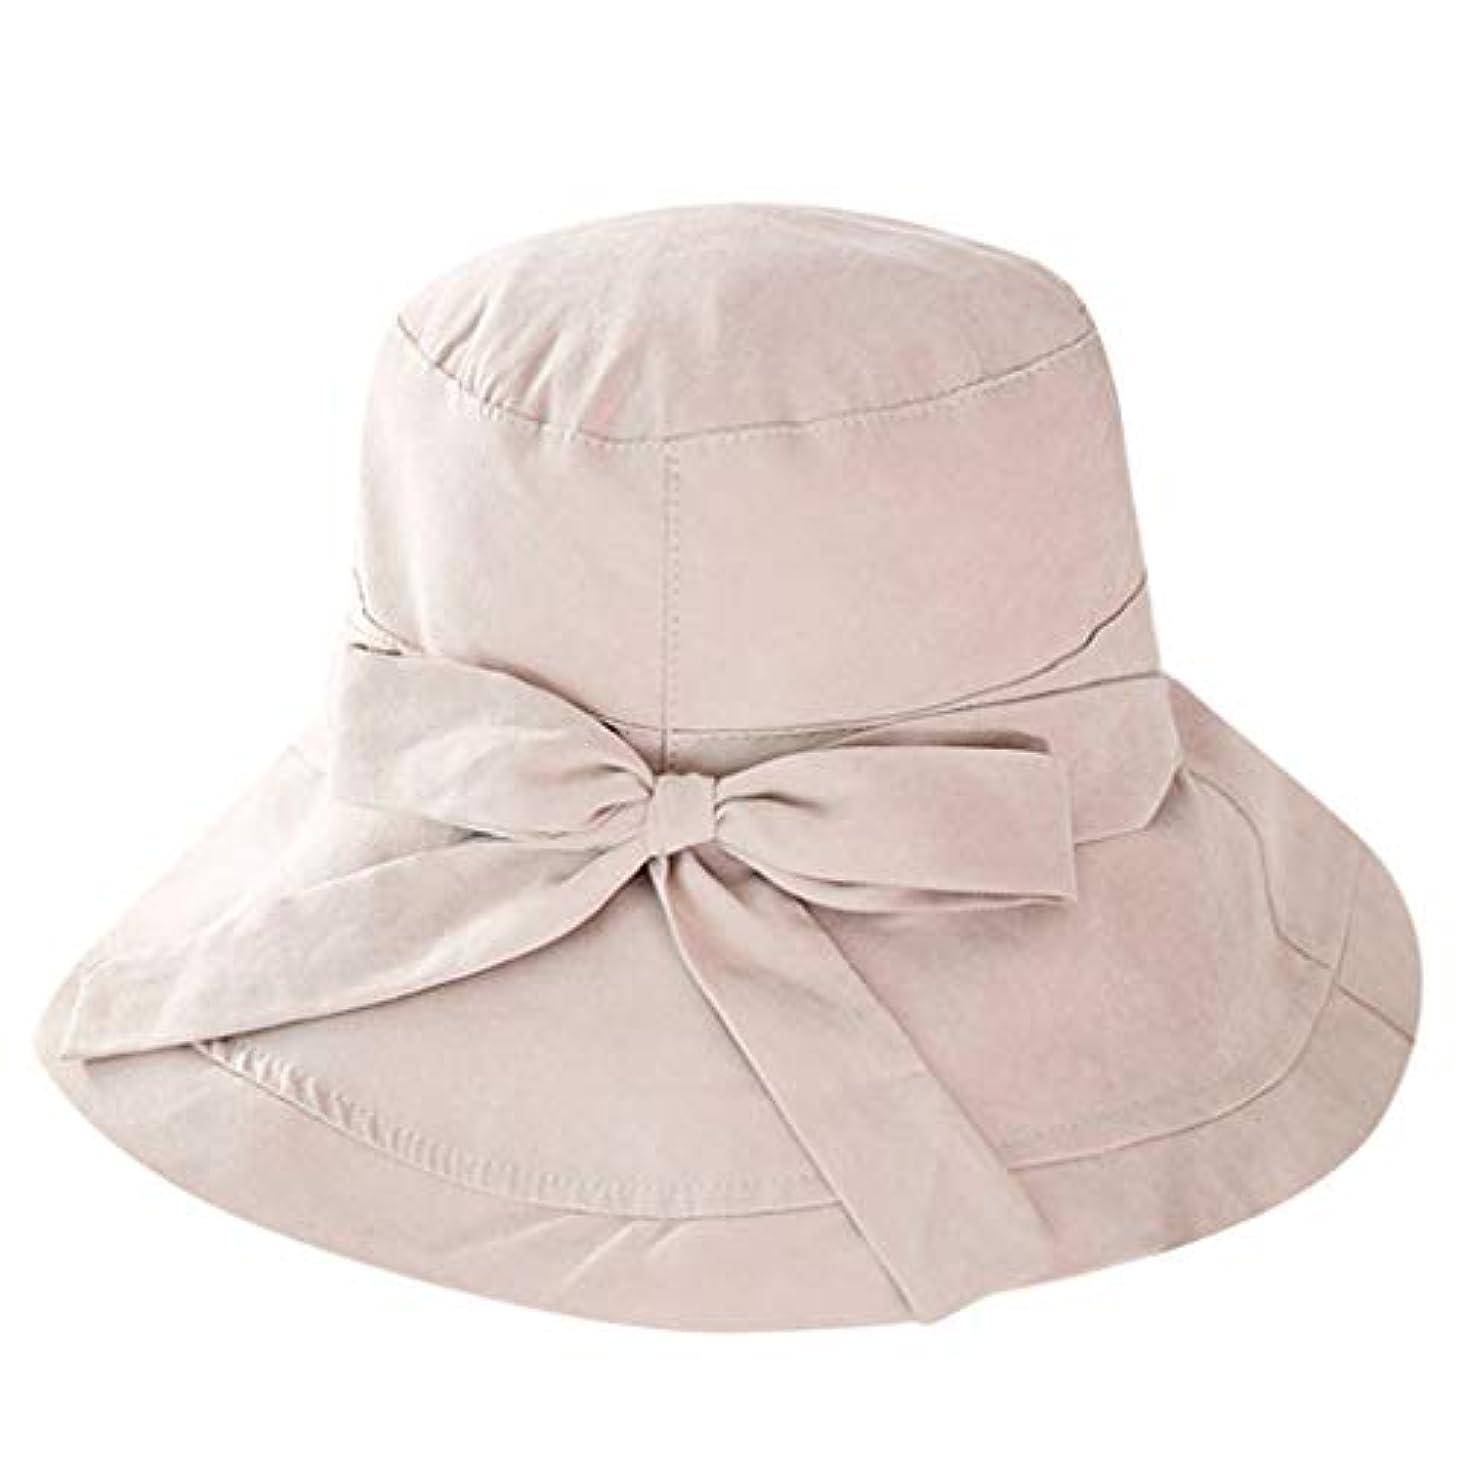 見かけ上警告する始まりKaiweini レディース夏漁夫帽カジュアル日よけバイザービッグエッジクロスキャップ人気の屋外折りたたみビーチキャップチャイルドハット日焼け止め太陽帽